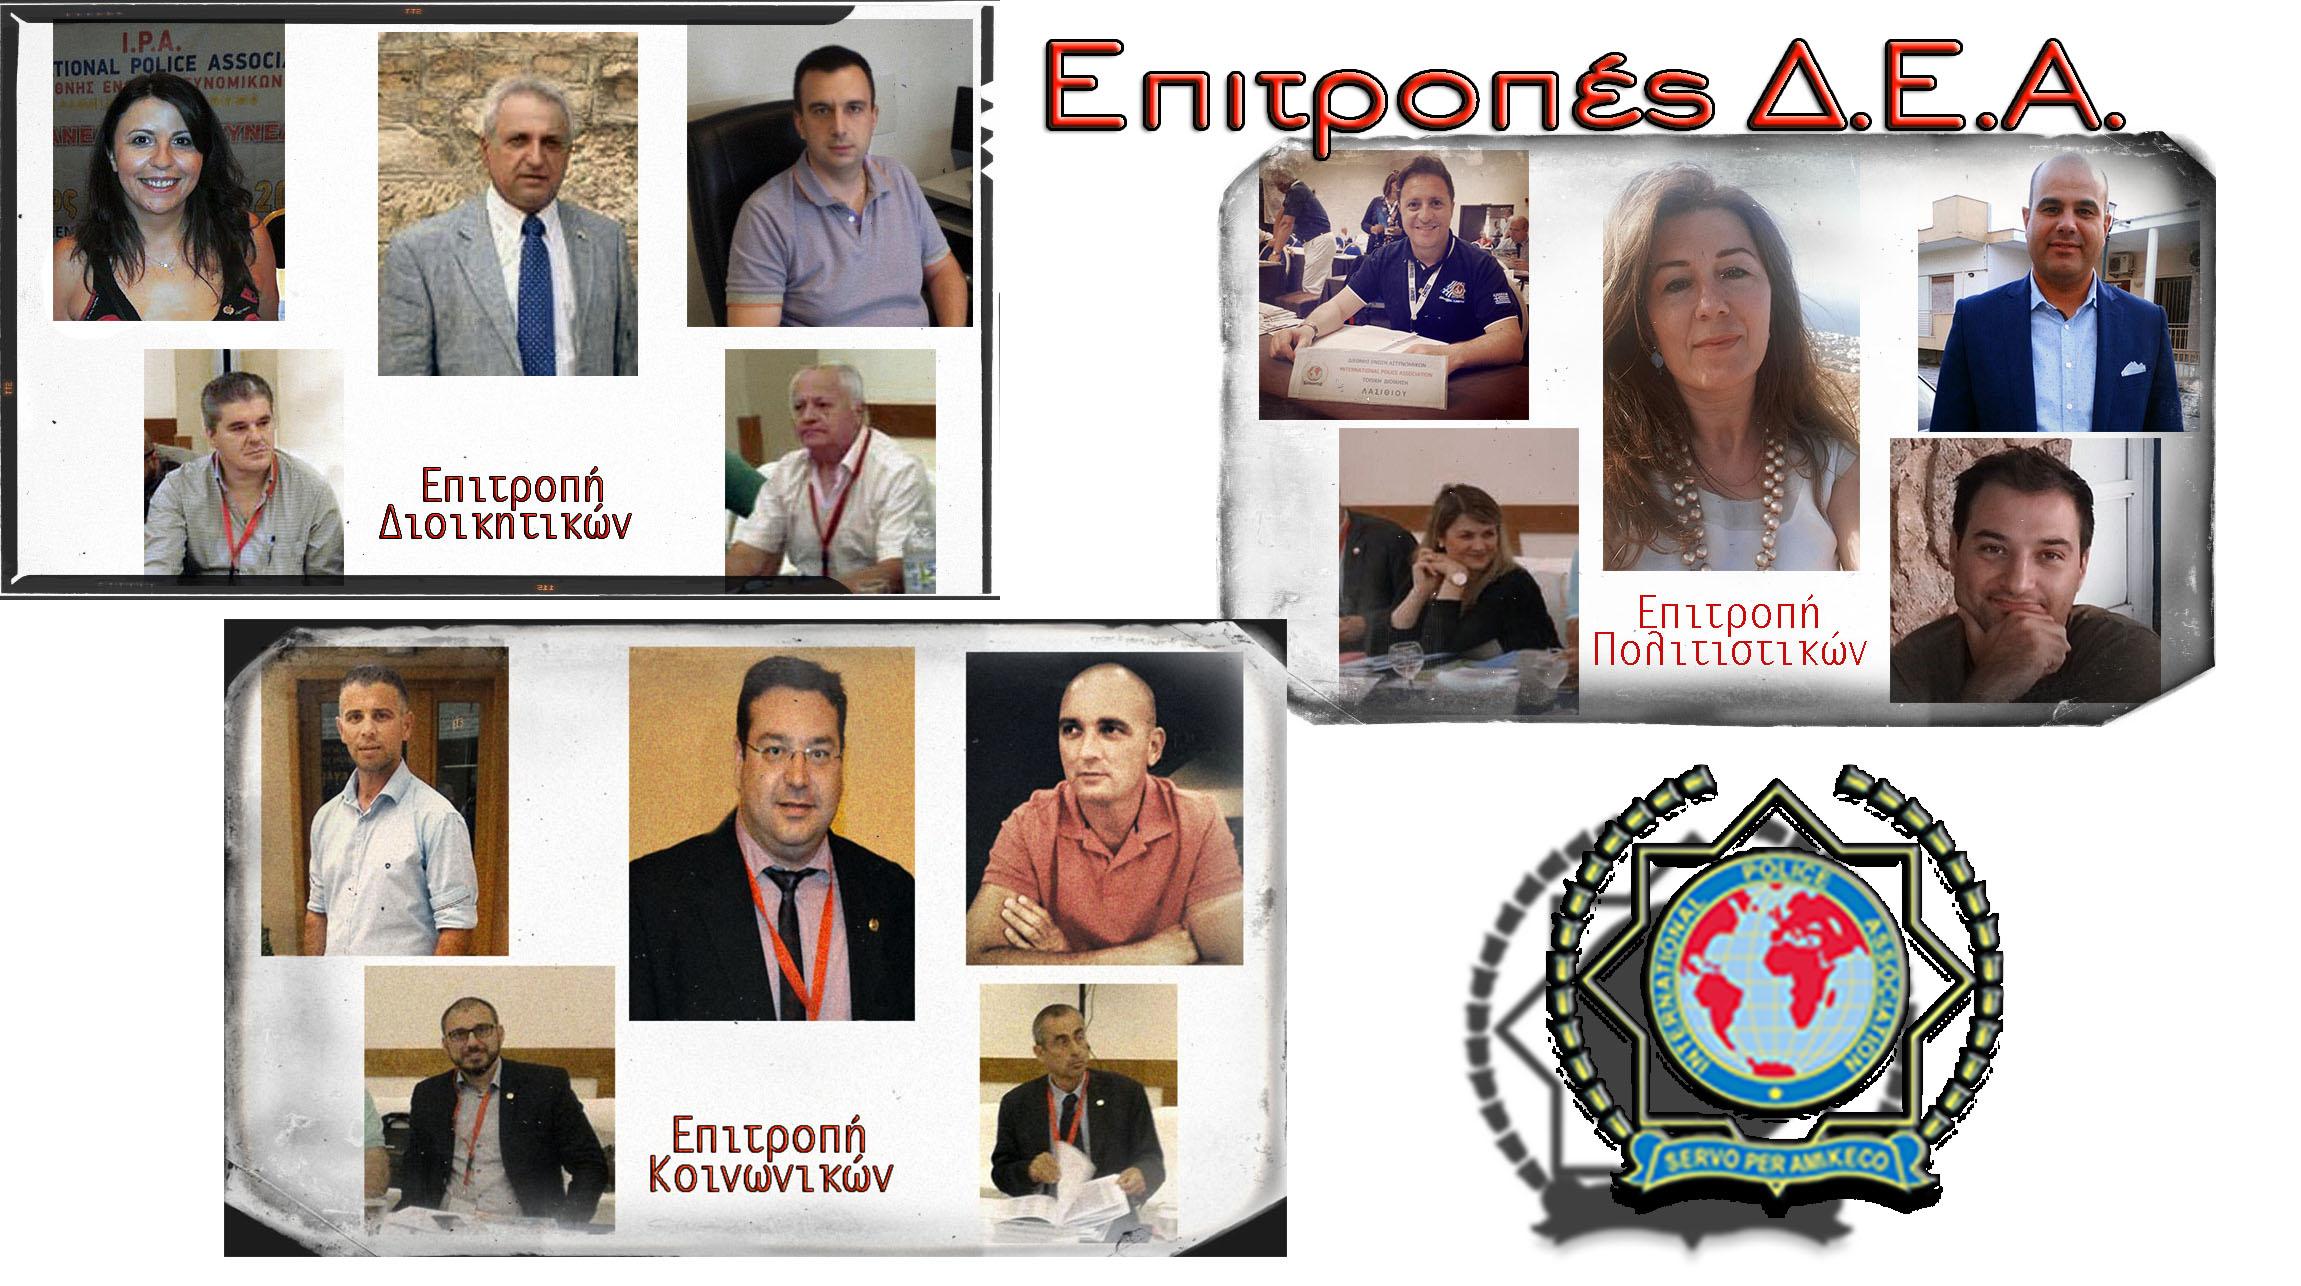 Συγκρότηση Επιτροπών Ελληνικού Τμήματος ΔΕΑ